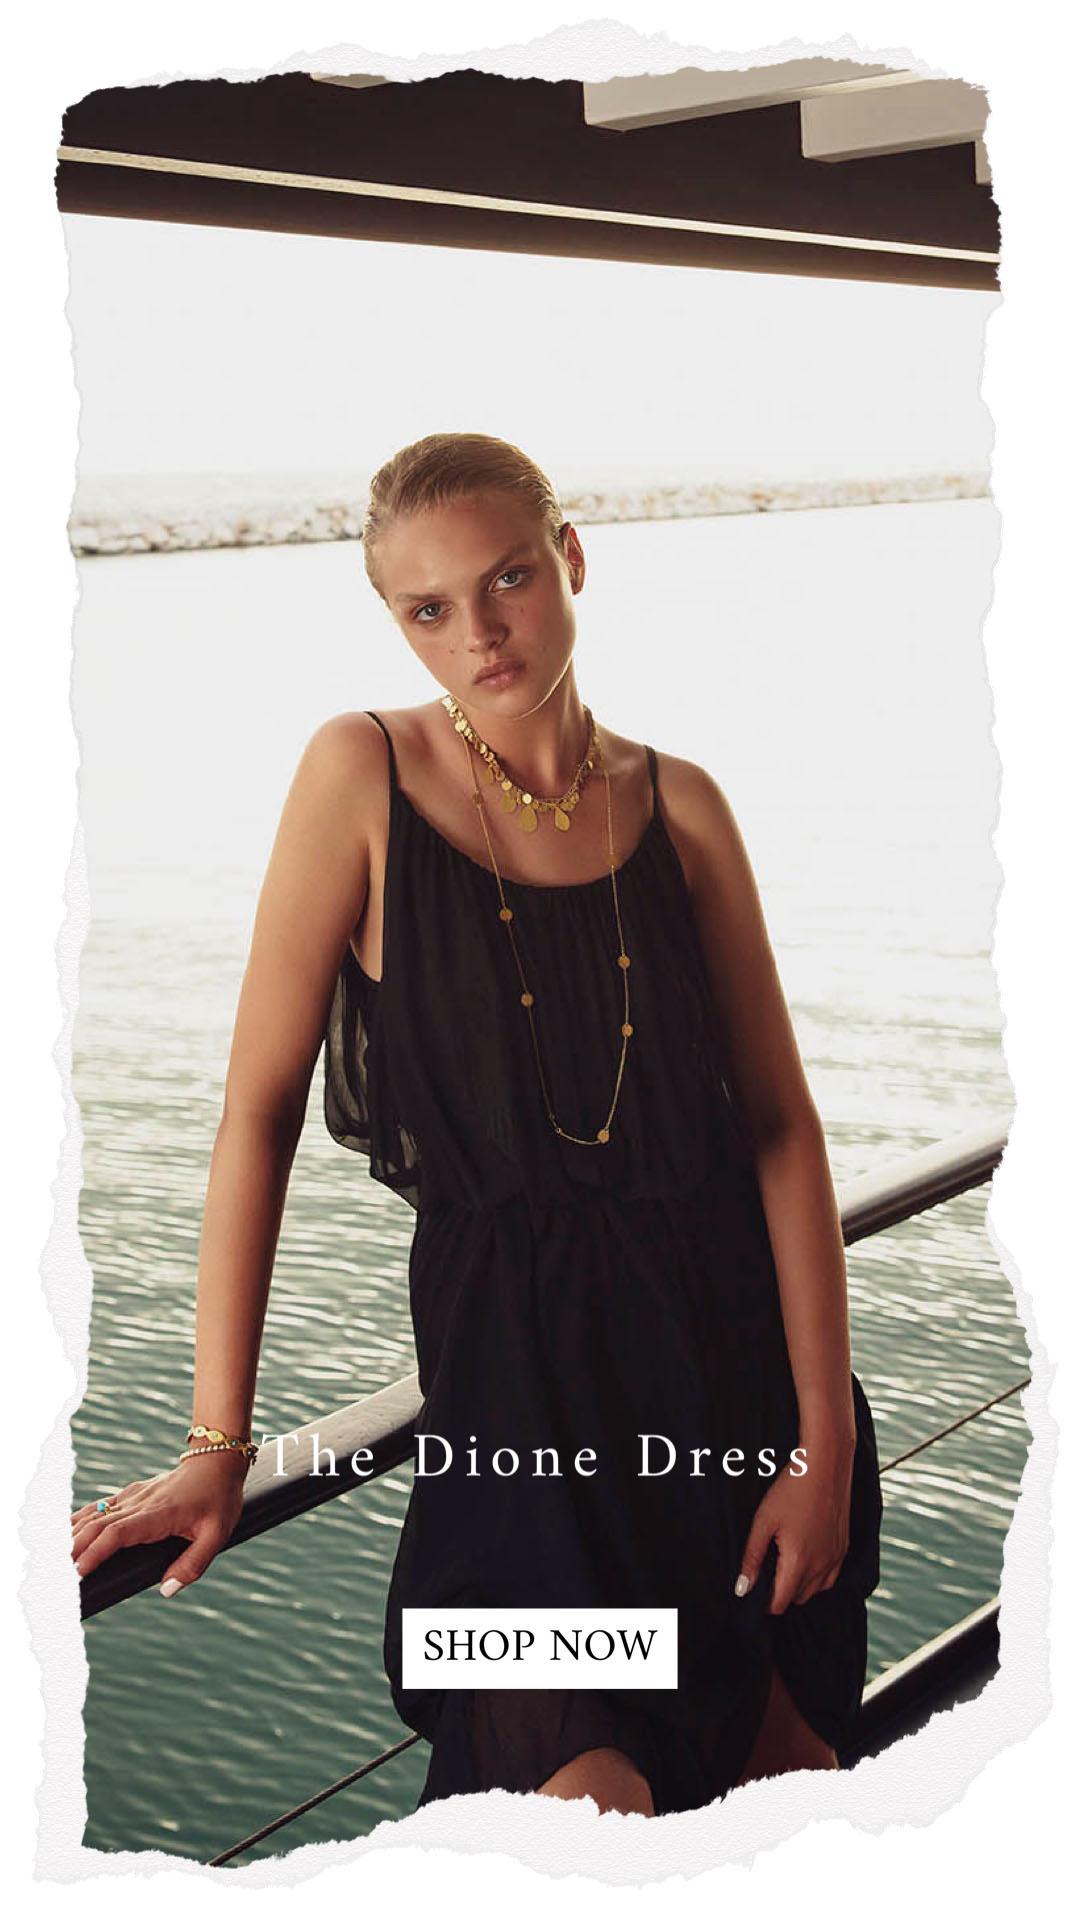 The Dione Dress